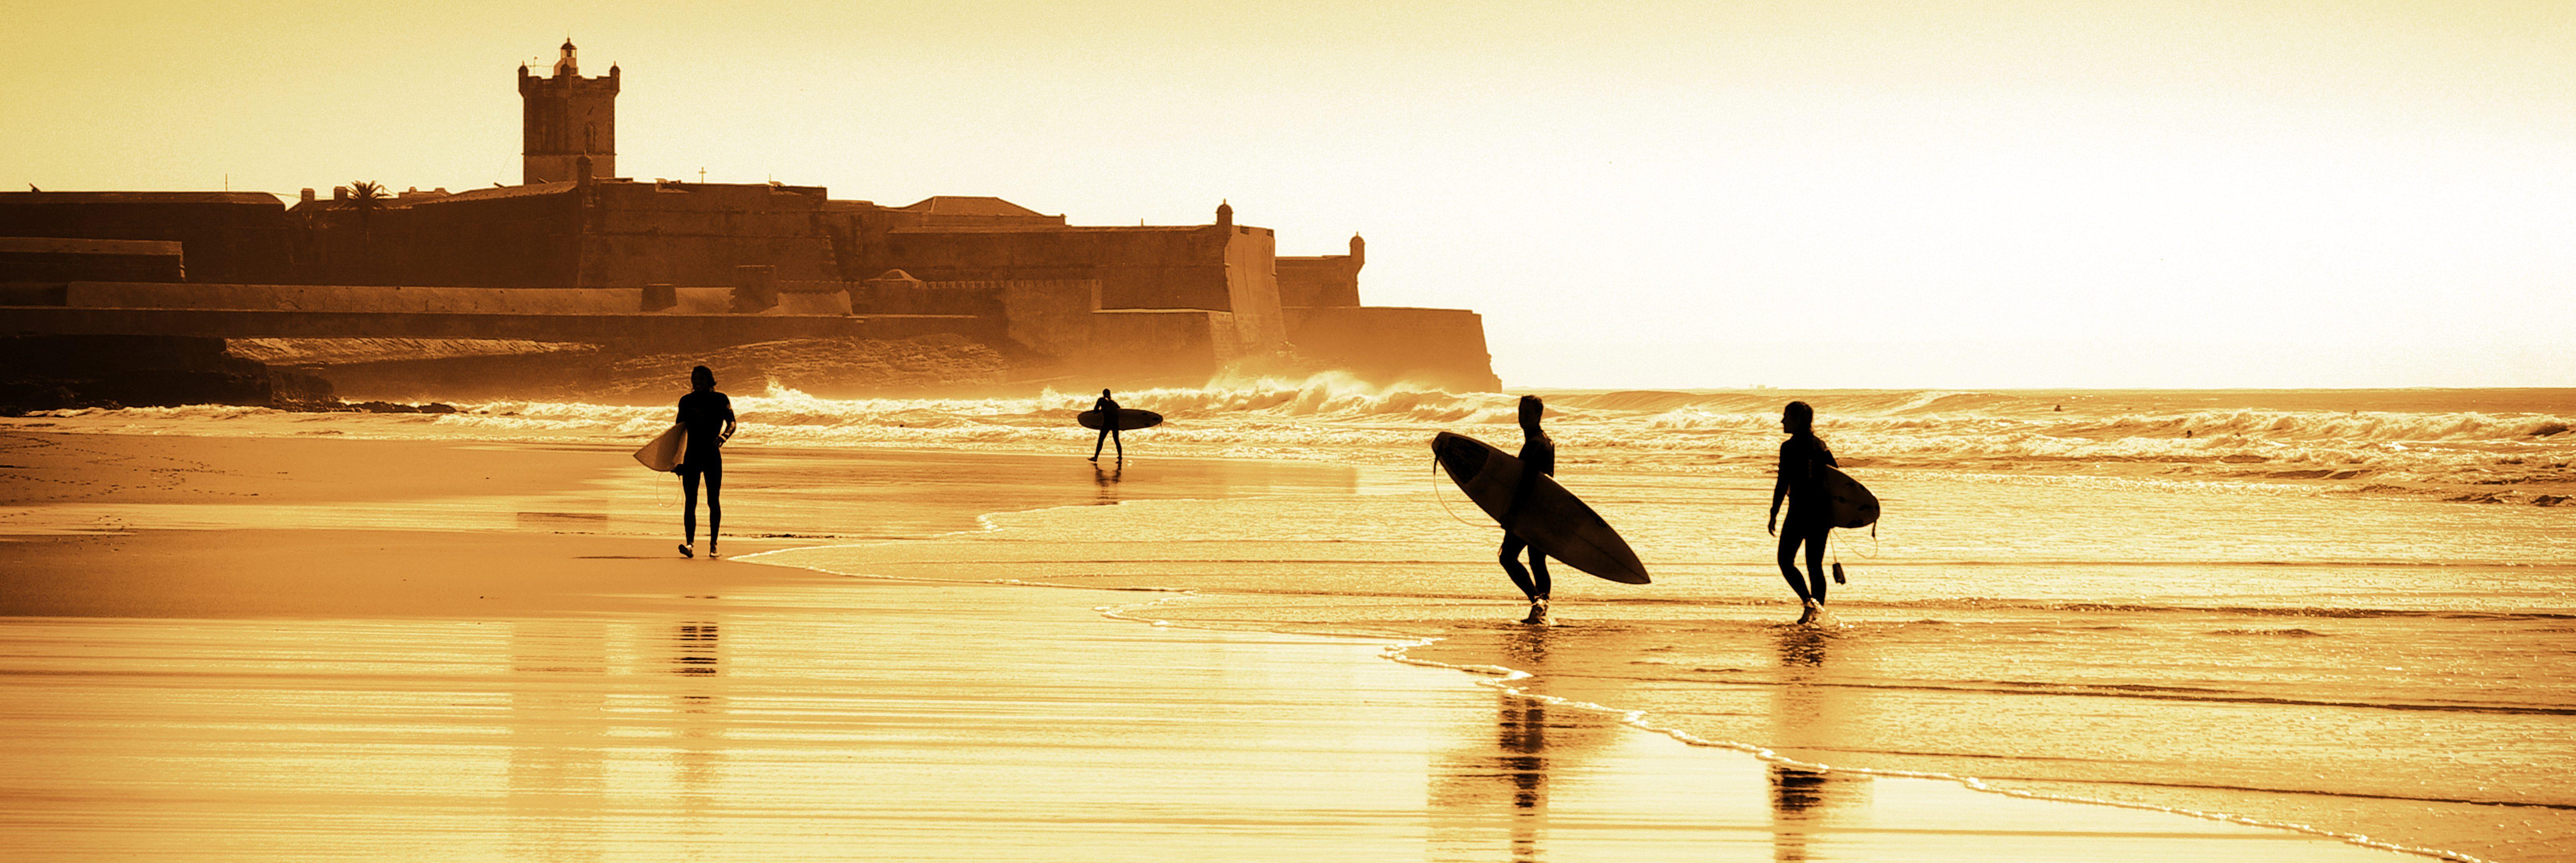 Серф-тур всё включено на 7 дней | Школа серфинга в Марокко Surf-Burg